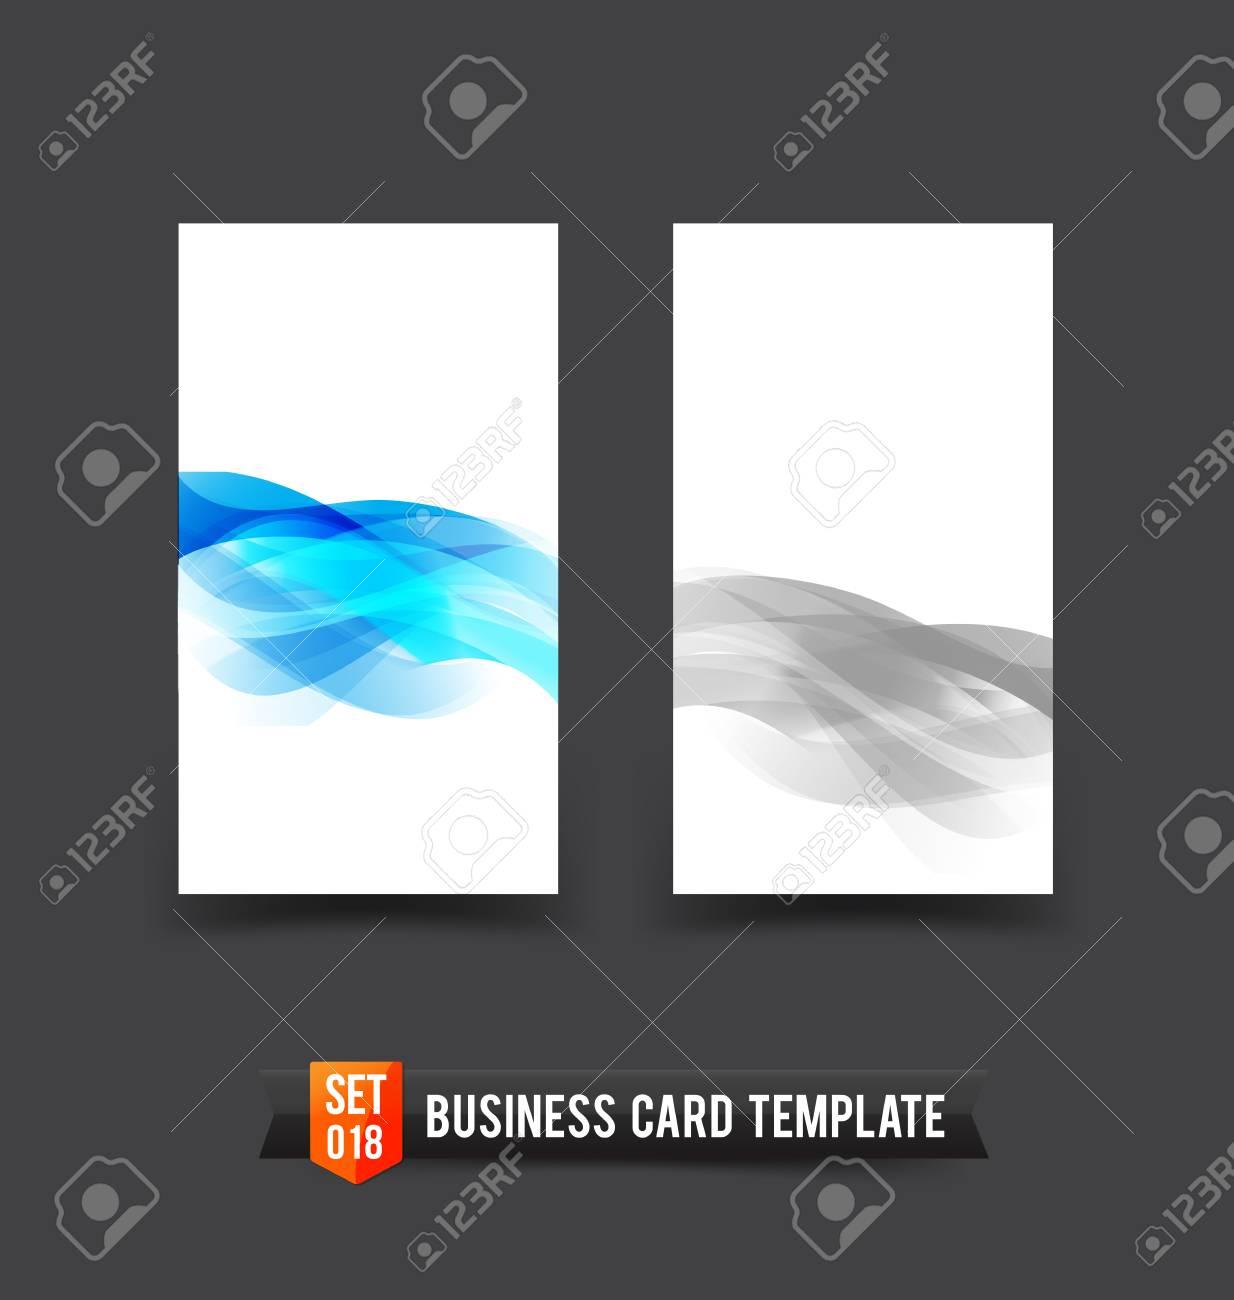 Modle De Carte Visite Bleu Onde Lumineuse Lment Courbe